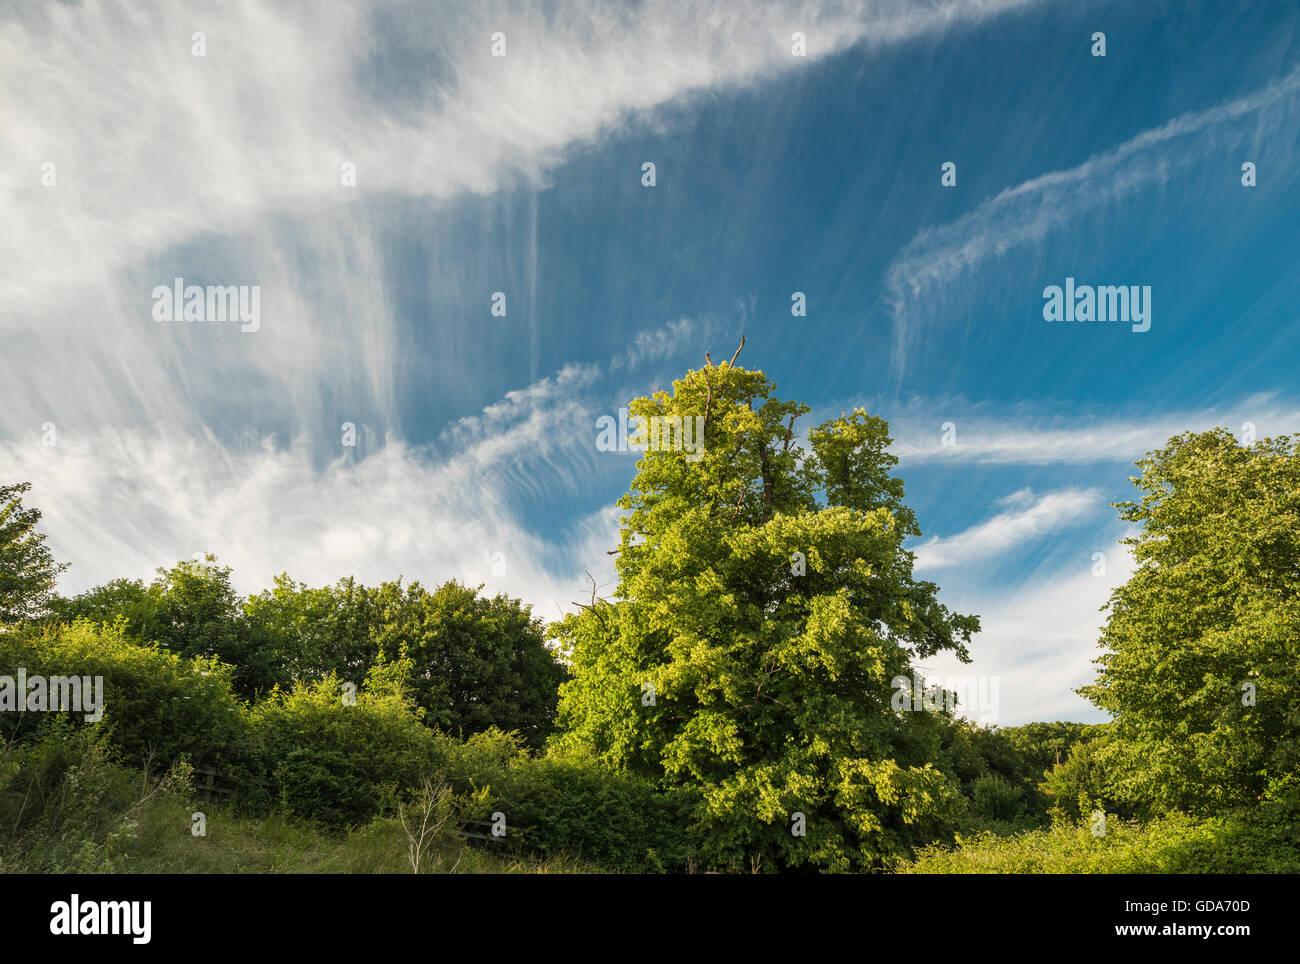 Les arbres forestiers avec de spectaculaires formations de nuages près de Peterborough Cambridgeshire, Angleterre Photo Stock